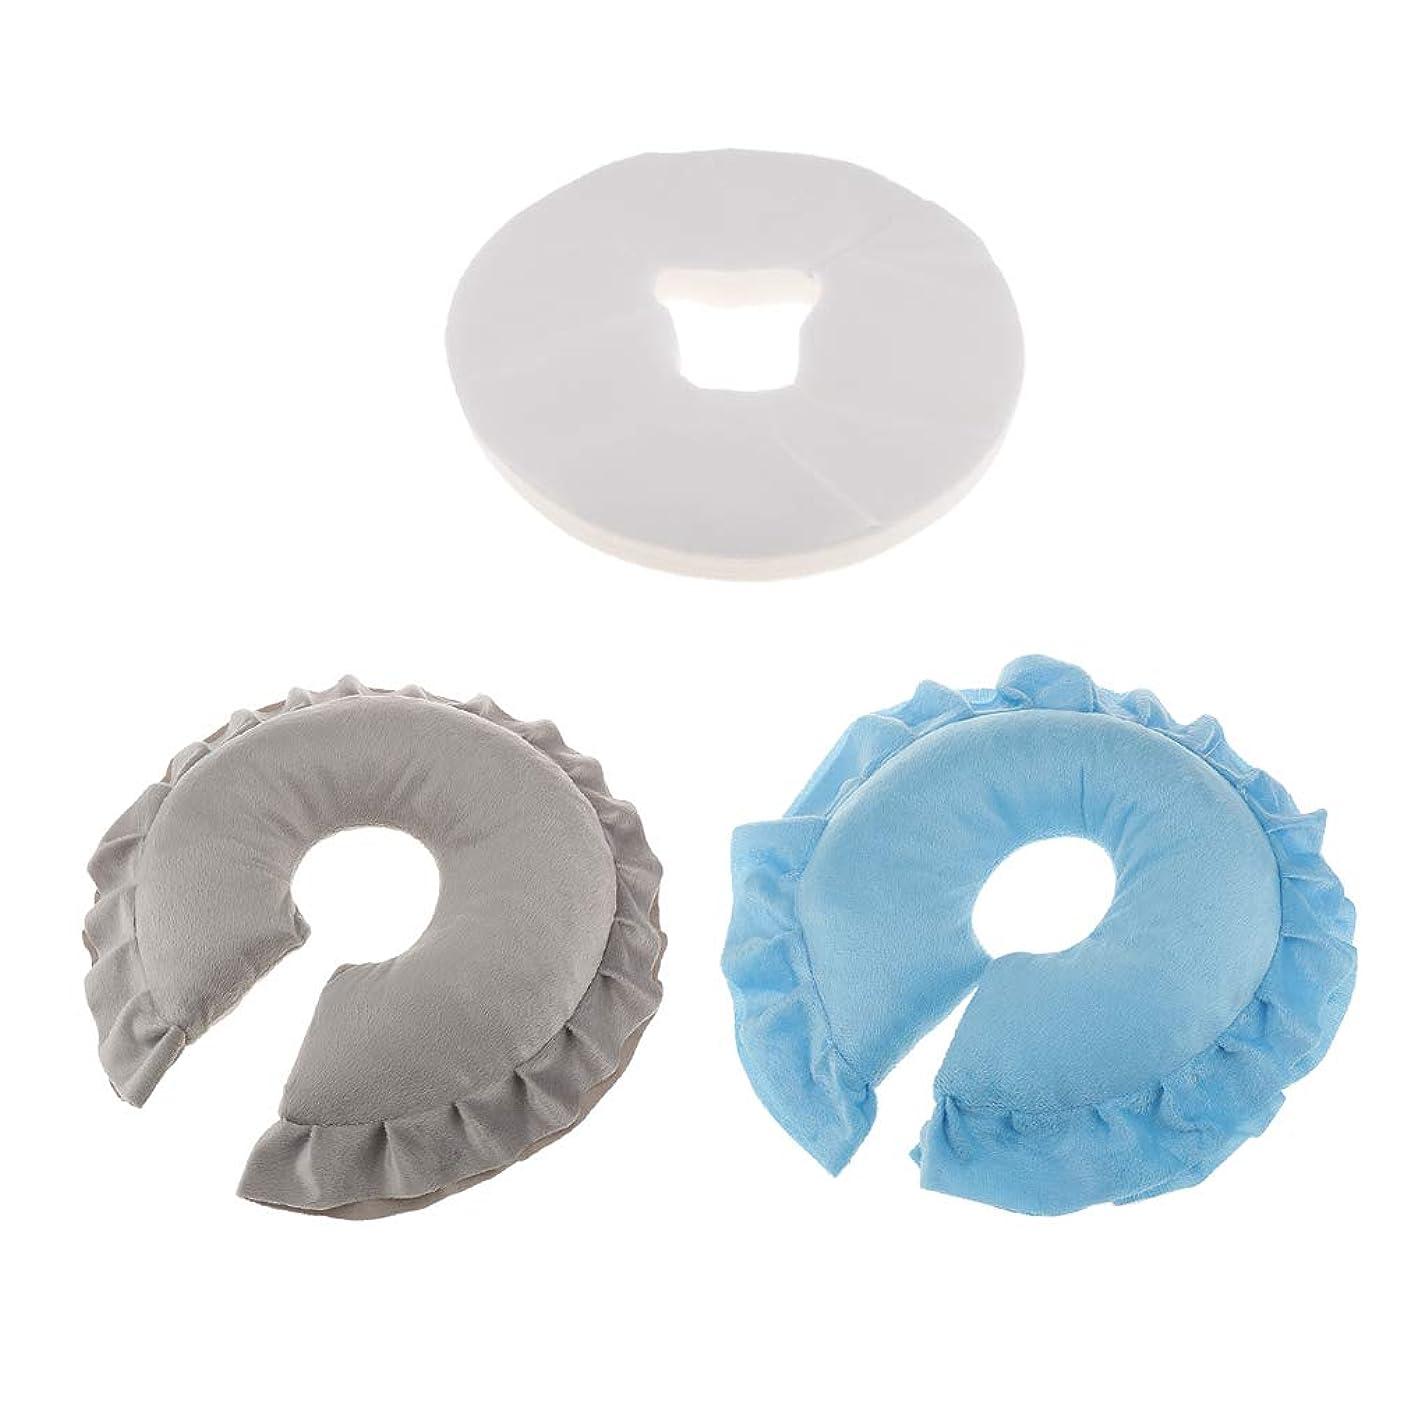 安いですのホスト触覚dailymall 2x美容院のマッサージの顔の揺りかごの枕+100の使い捨て可能なクッションカバー